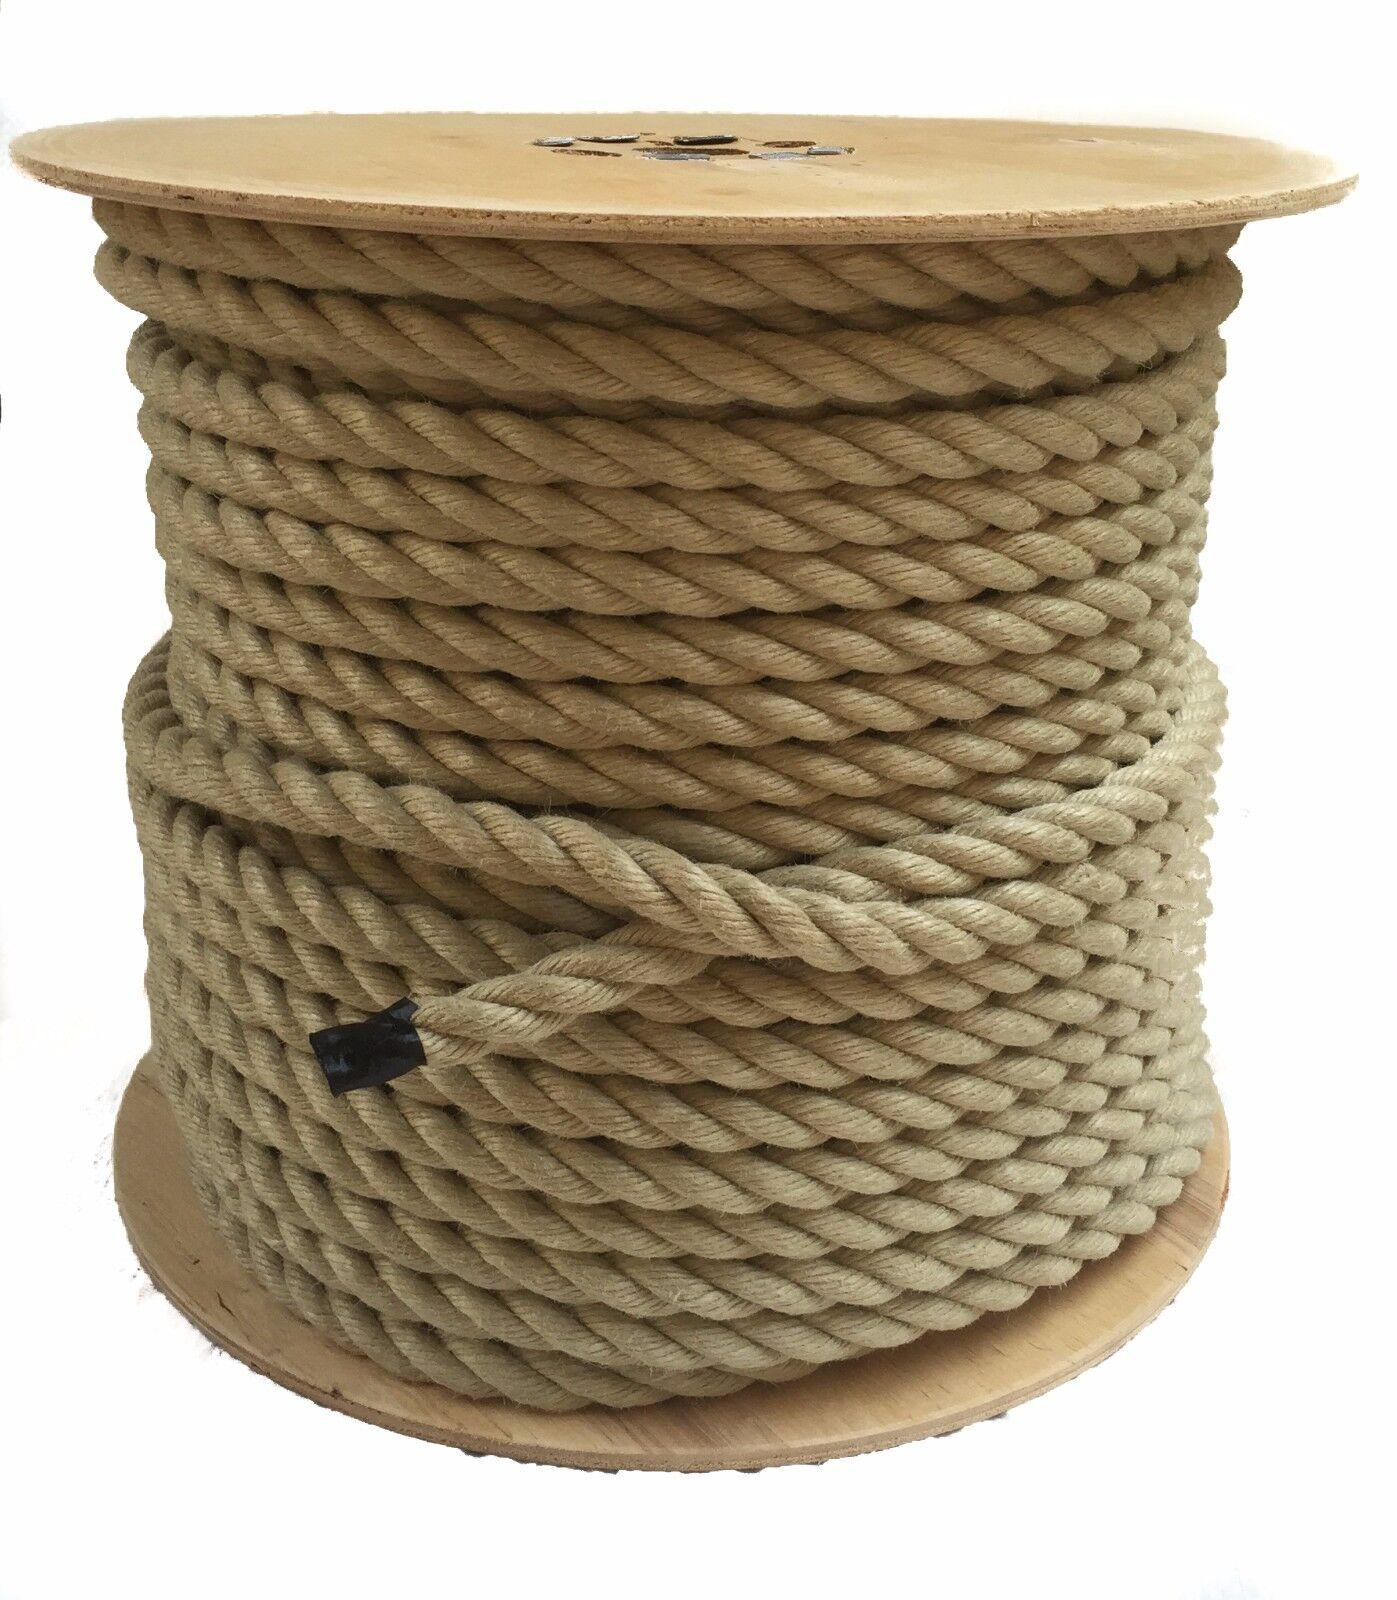 CANAPA sintetica corda, 10mm x 75 metri rocchetto, polyhemp per TAVOLATO